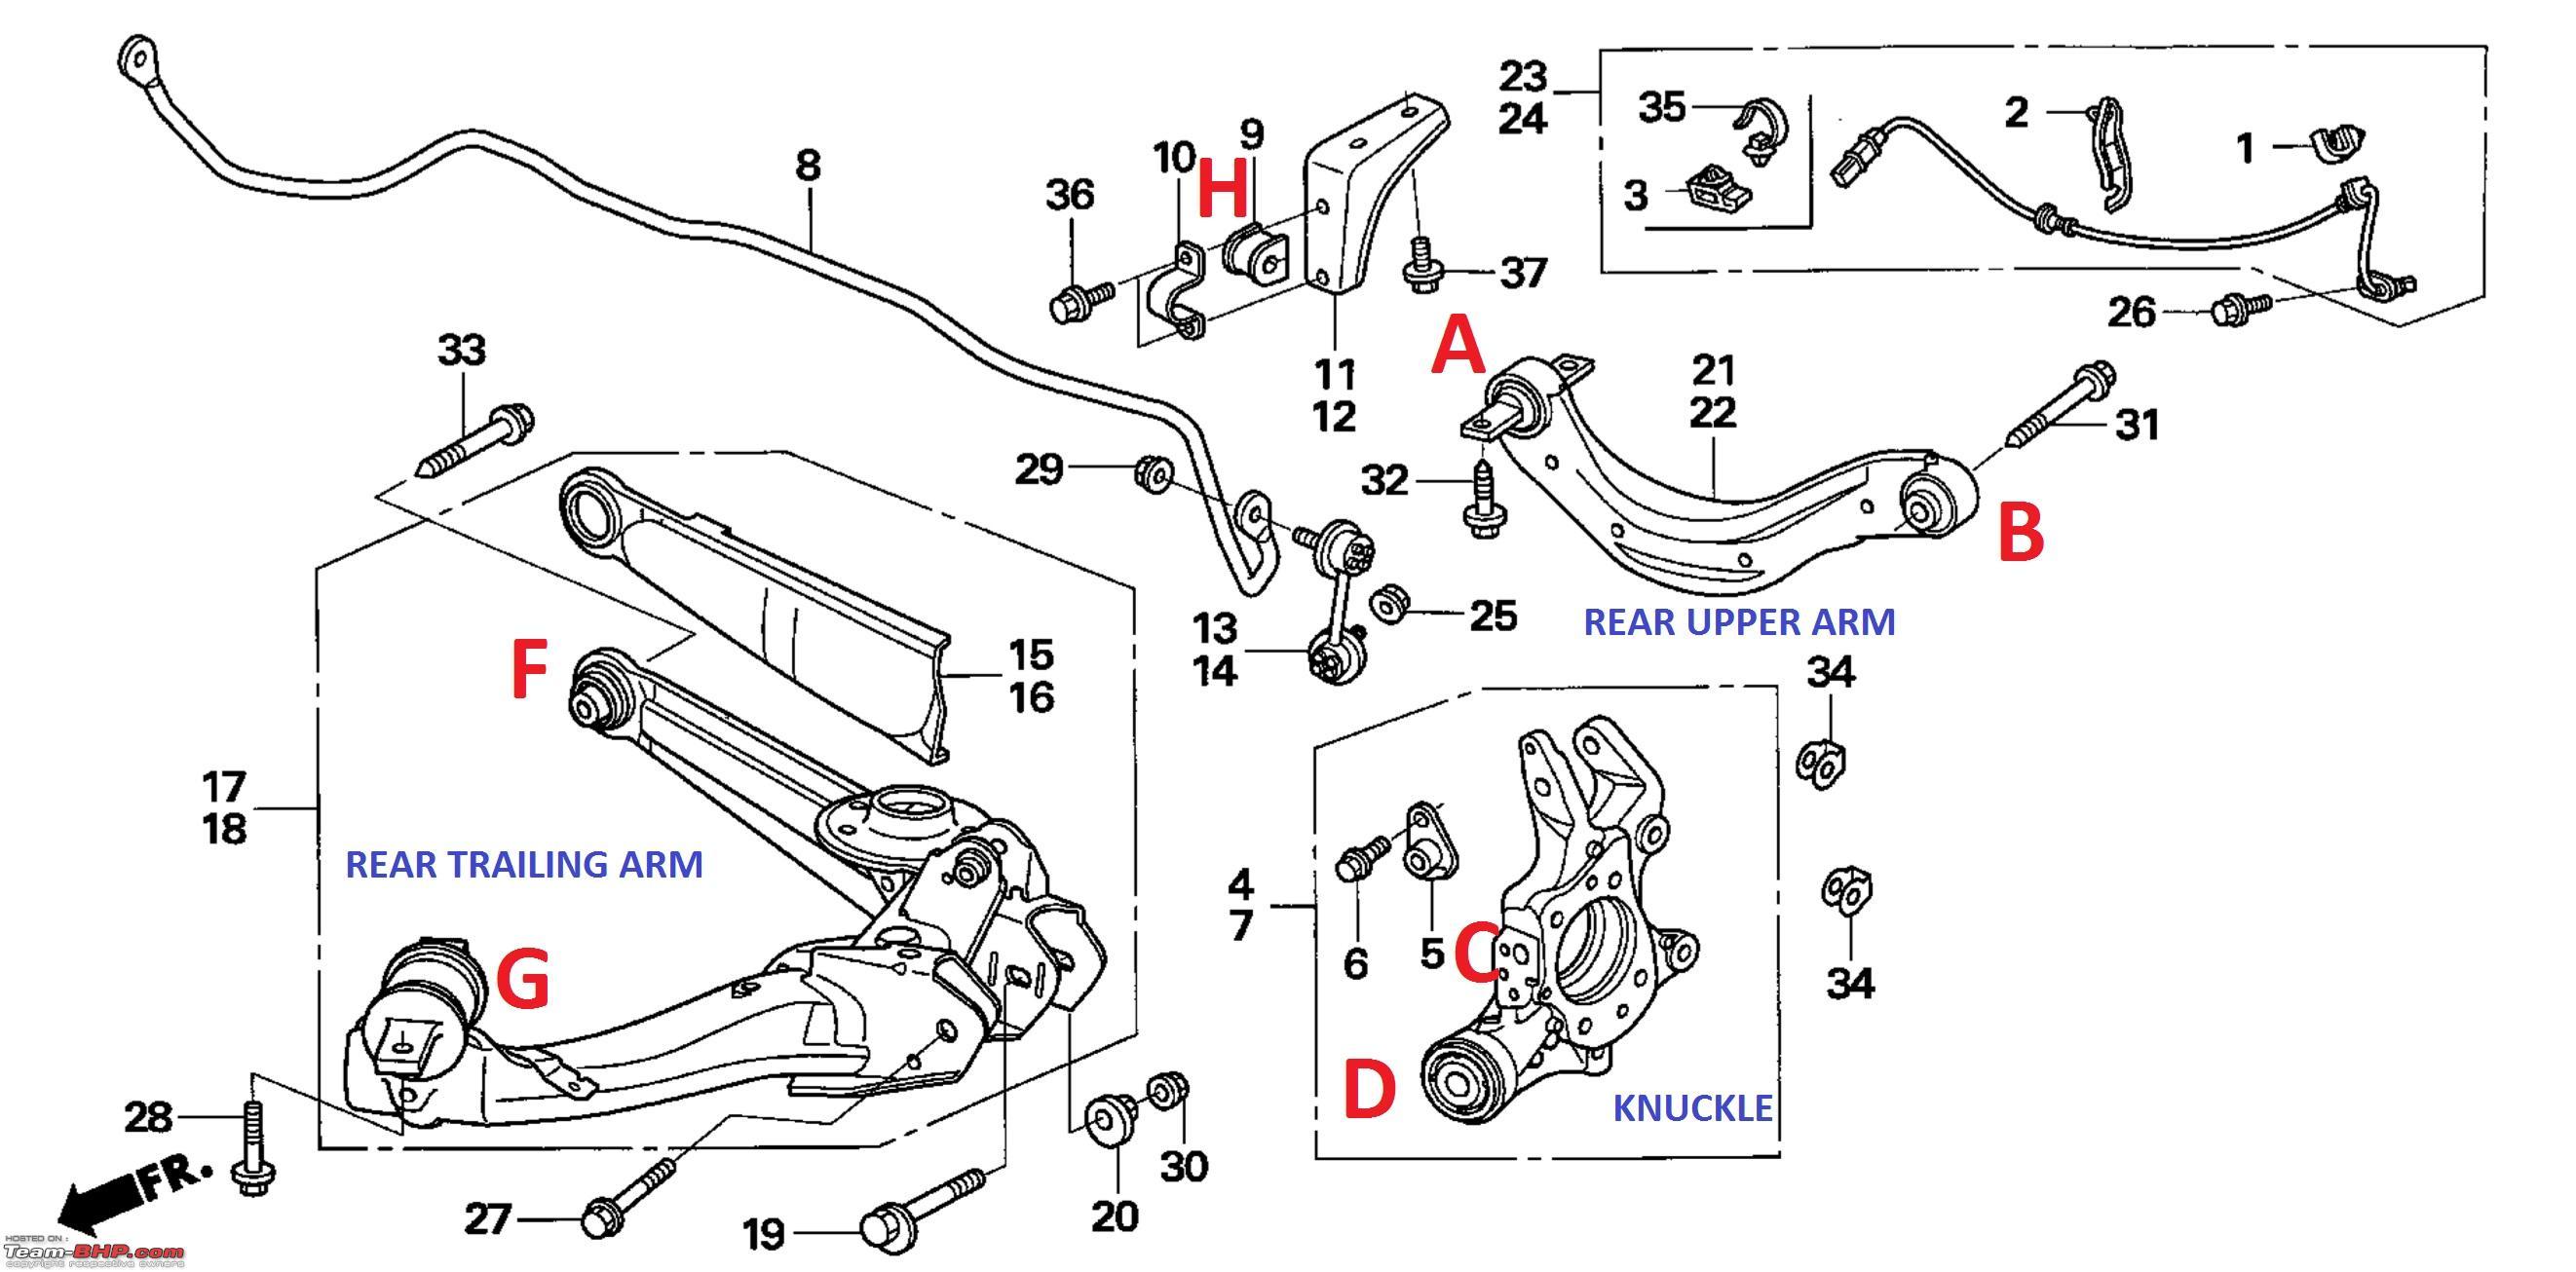 Honda Civic Rear Suspension Diagram